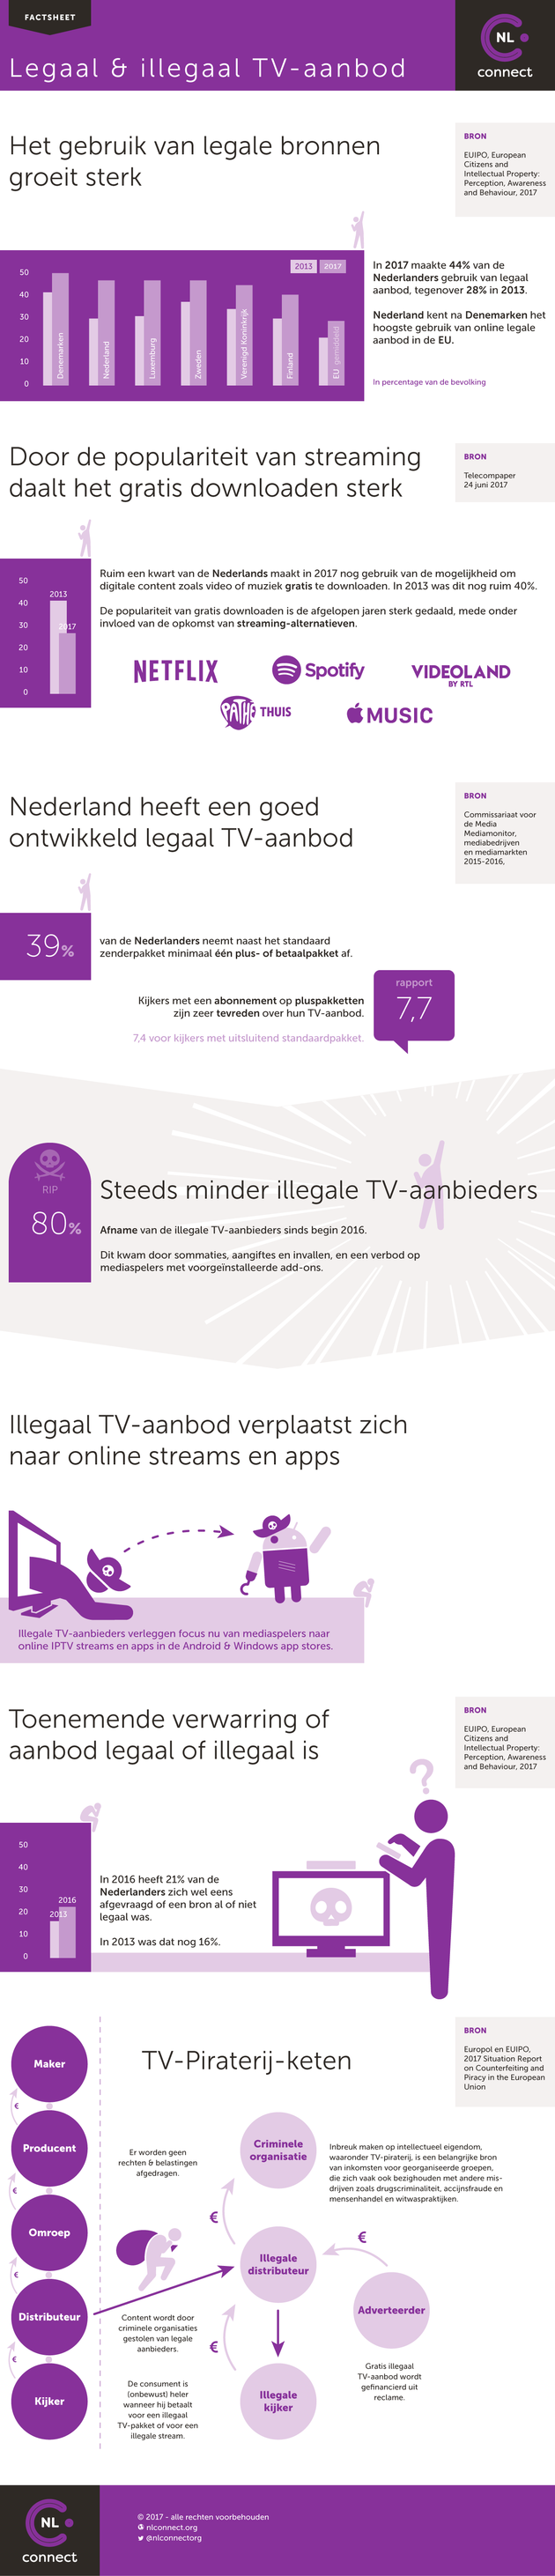 Factsheet-legaal-en-illegaal-TV-aanbod